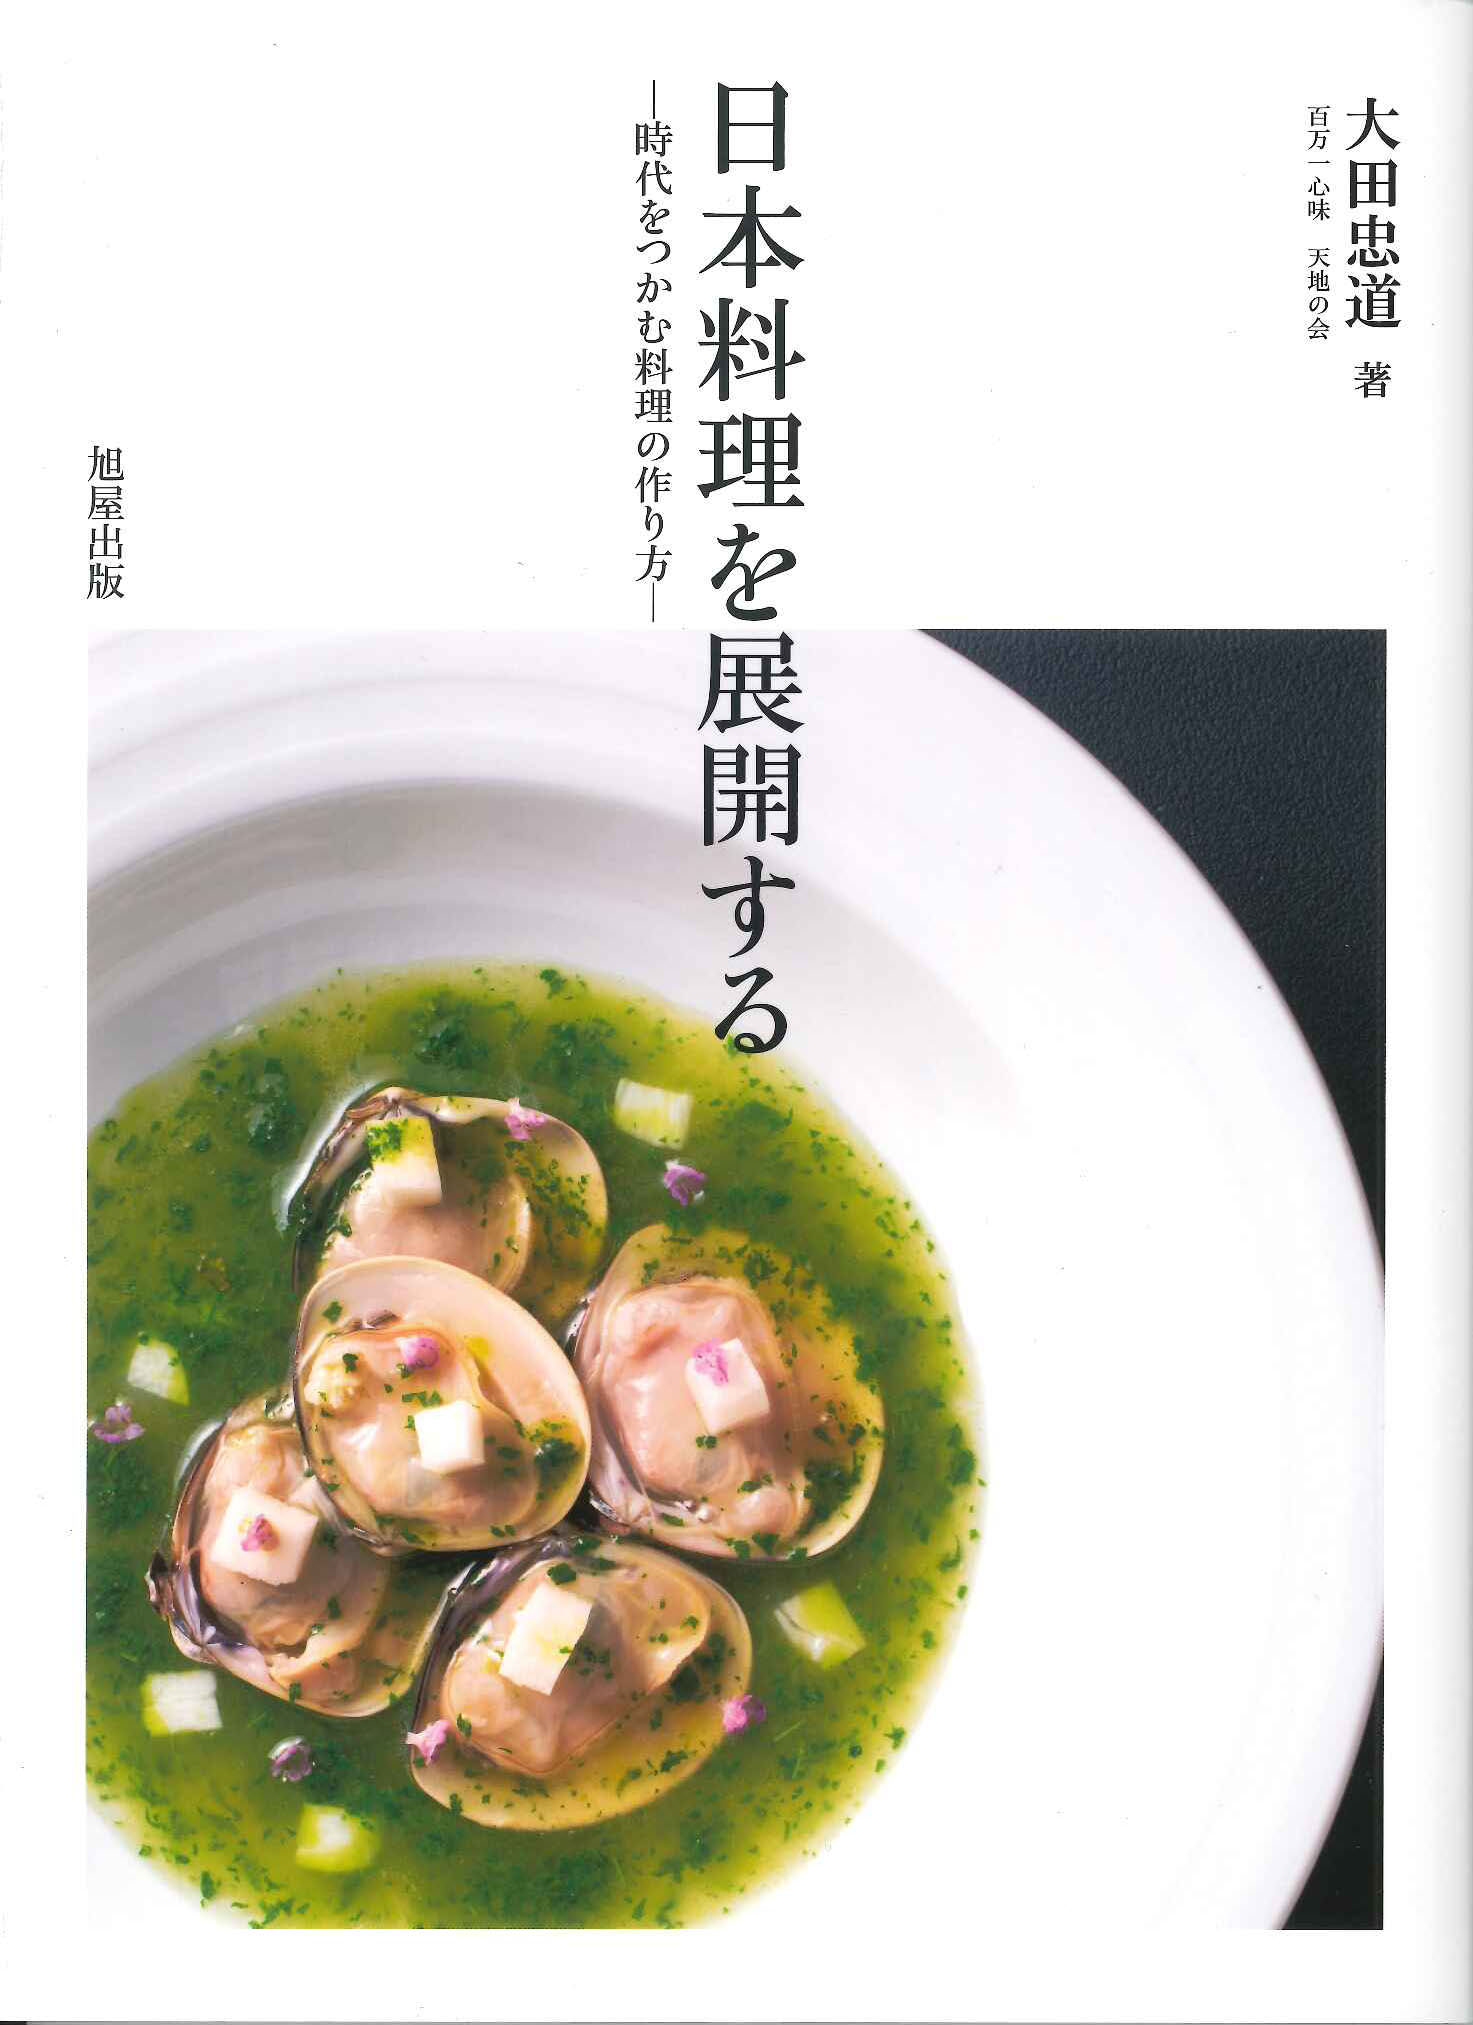 日本料理を展開する 時代をつかむ料理の作り方